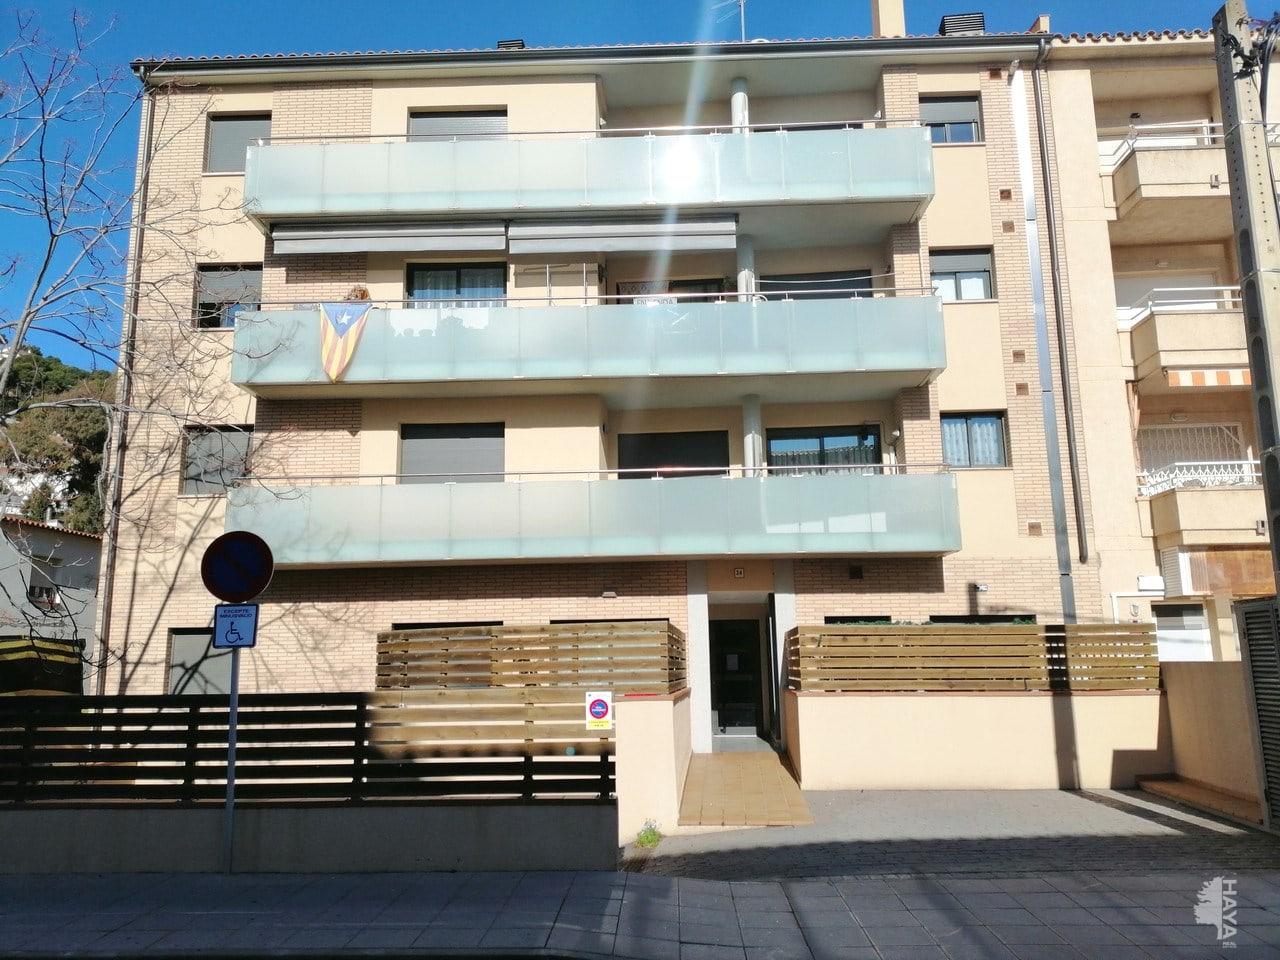 Piso en venta en Bockum, Torroella de Montgrí, Girona, Calle Torroella, 169.000 €, 3 habitaciones, 103 m2